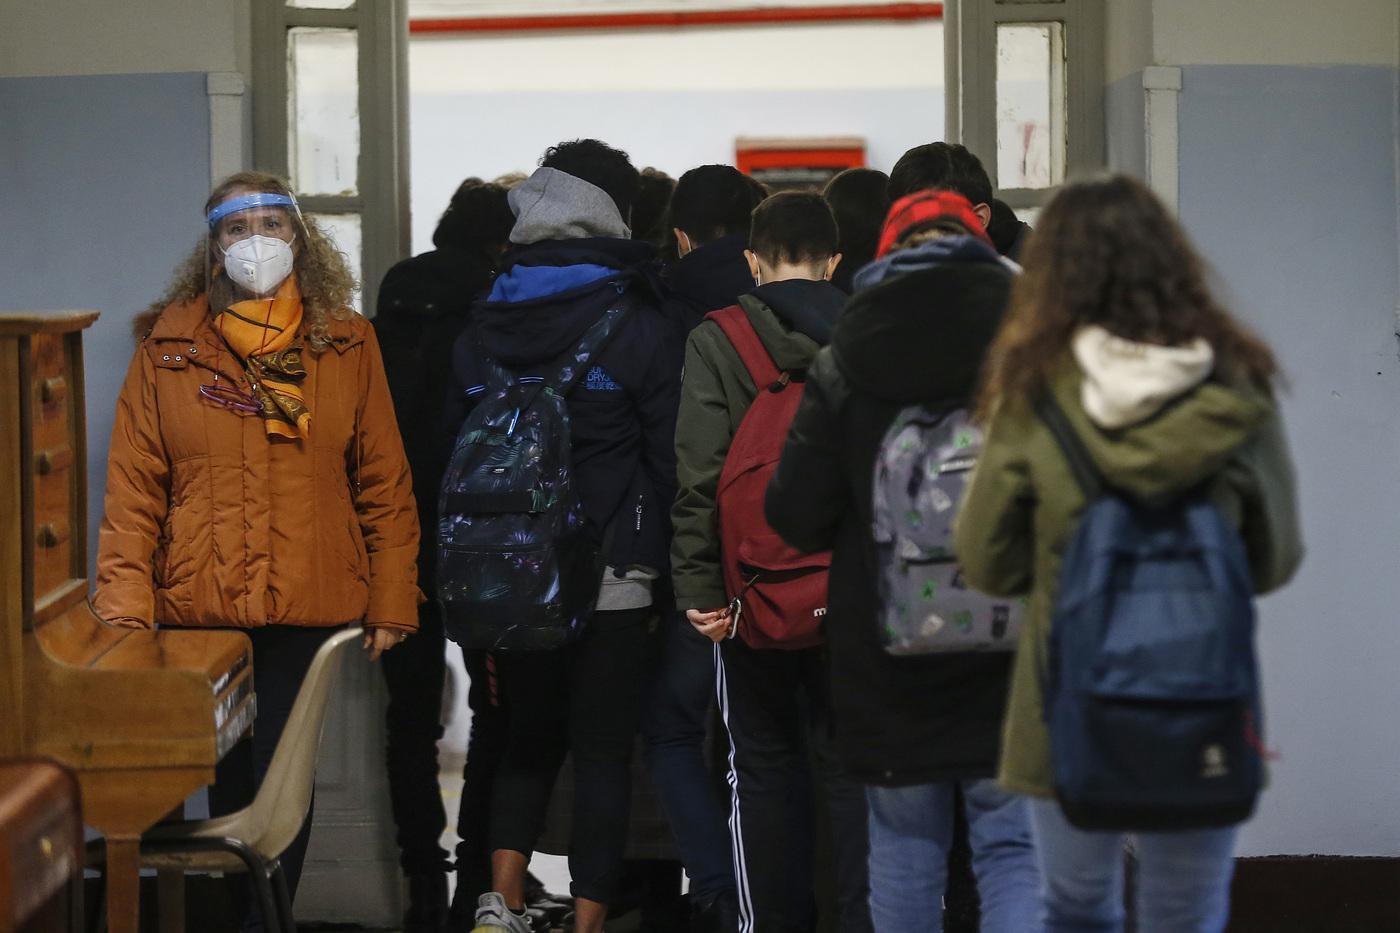 Decreto Covid, rientro alle superiori al 70%: è scontro sulla scuola fra governo e Regioni